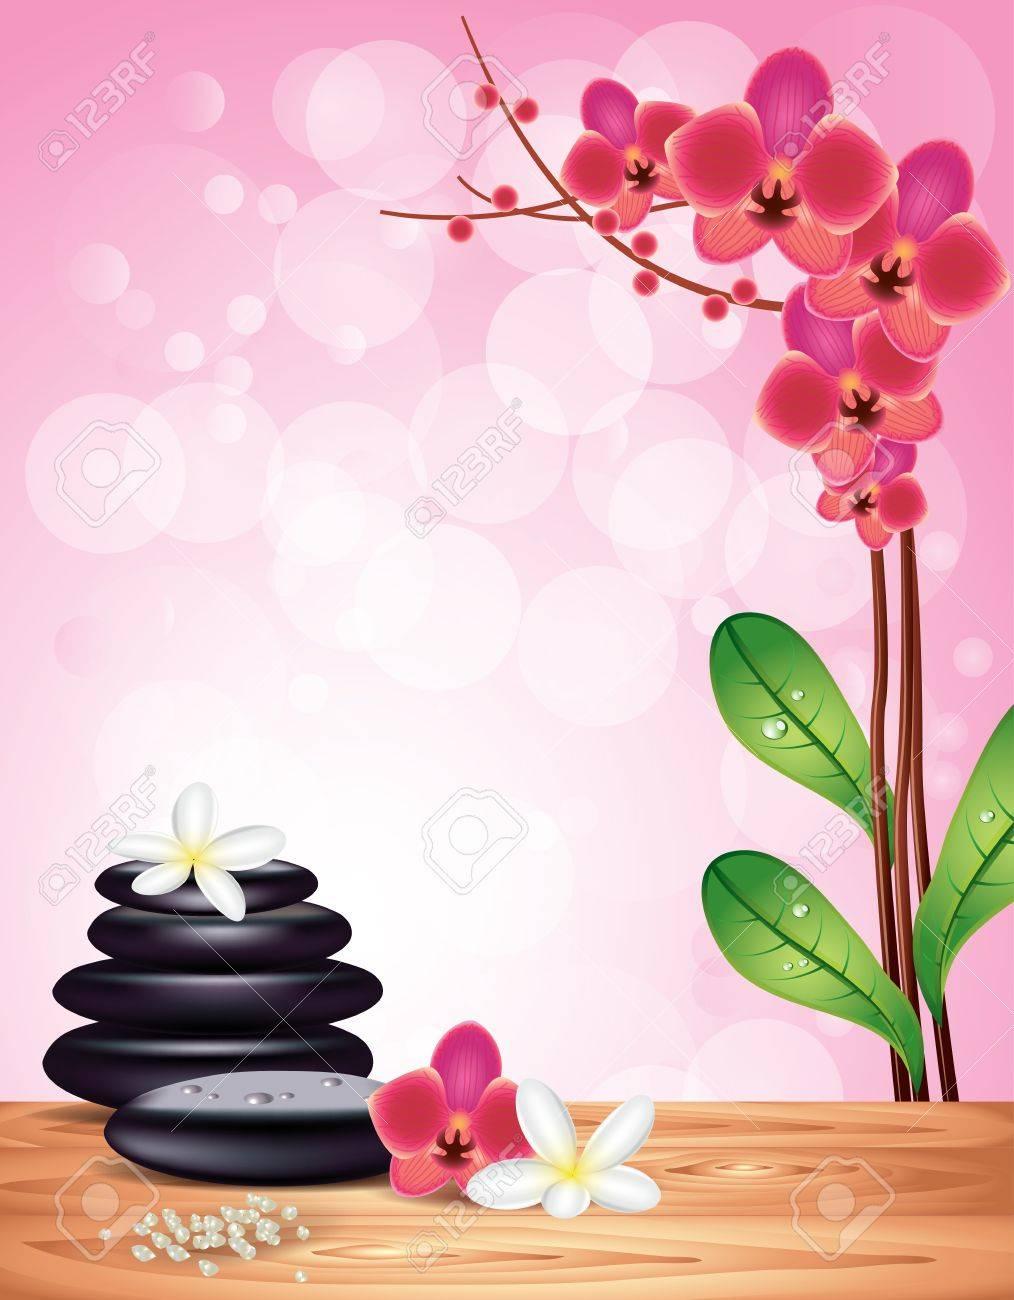 Banque dimages , Contexte de Spa avec pierres zen, fleurs dorchidée et de frangipanier sur fond rose